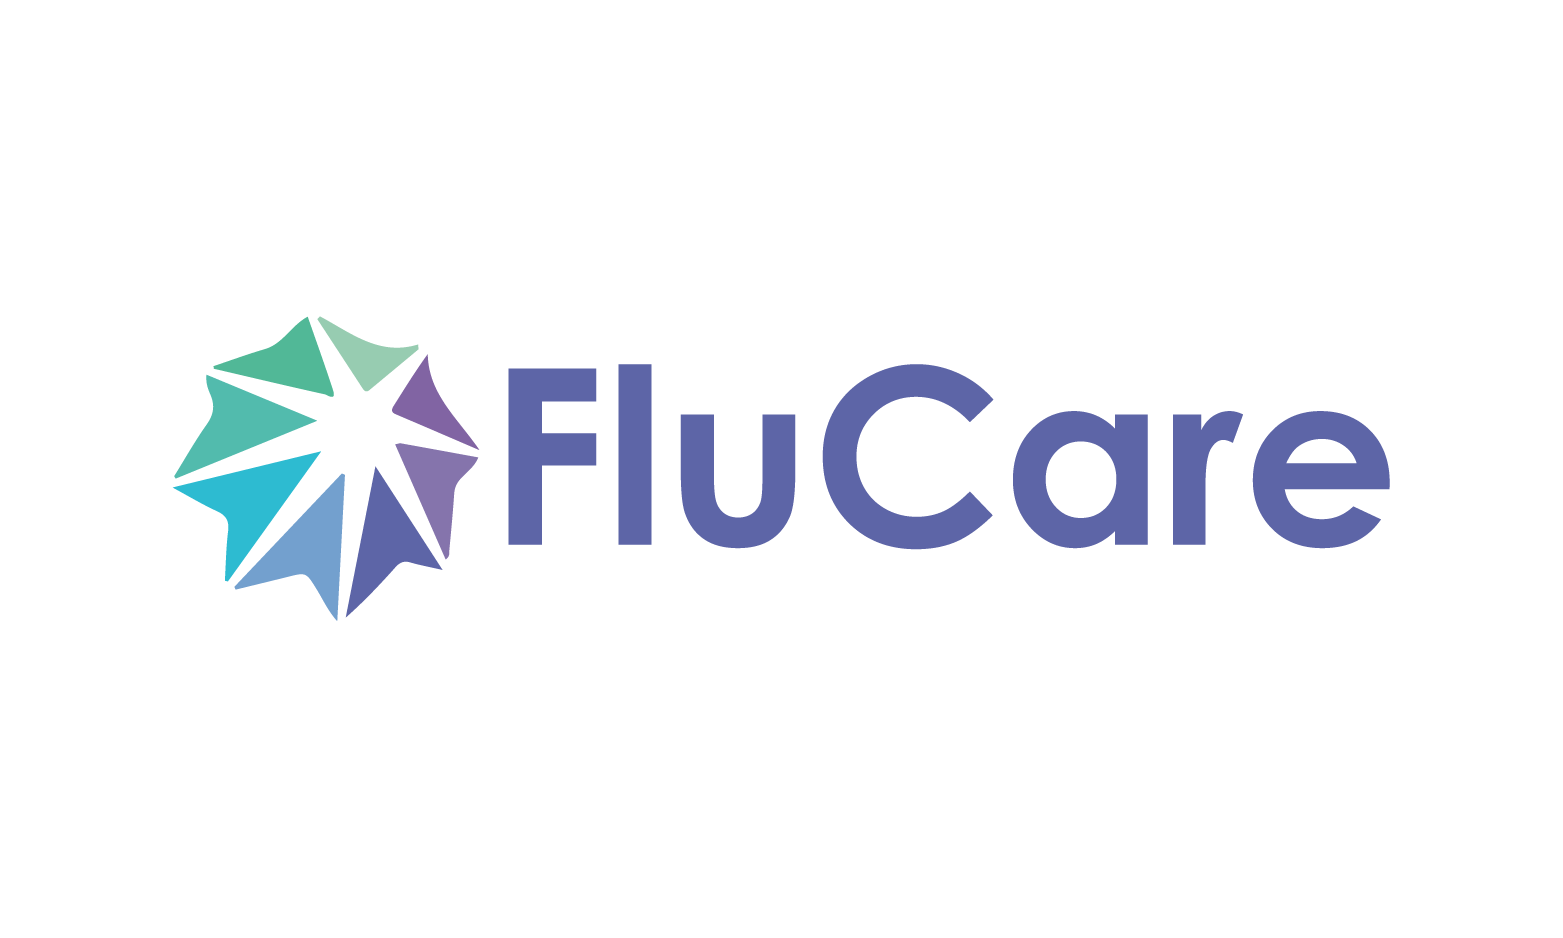 FluCare.com